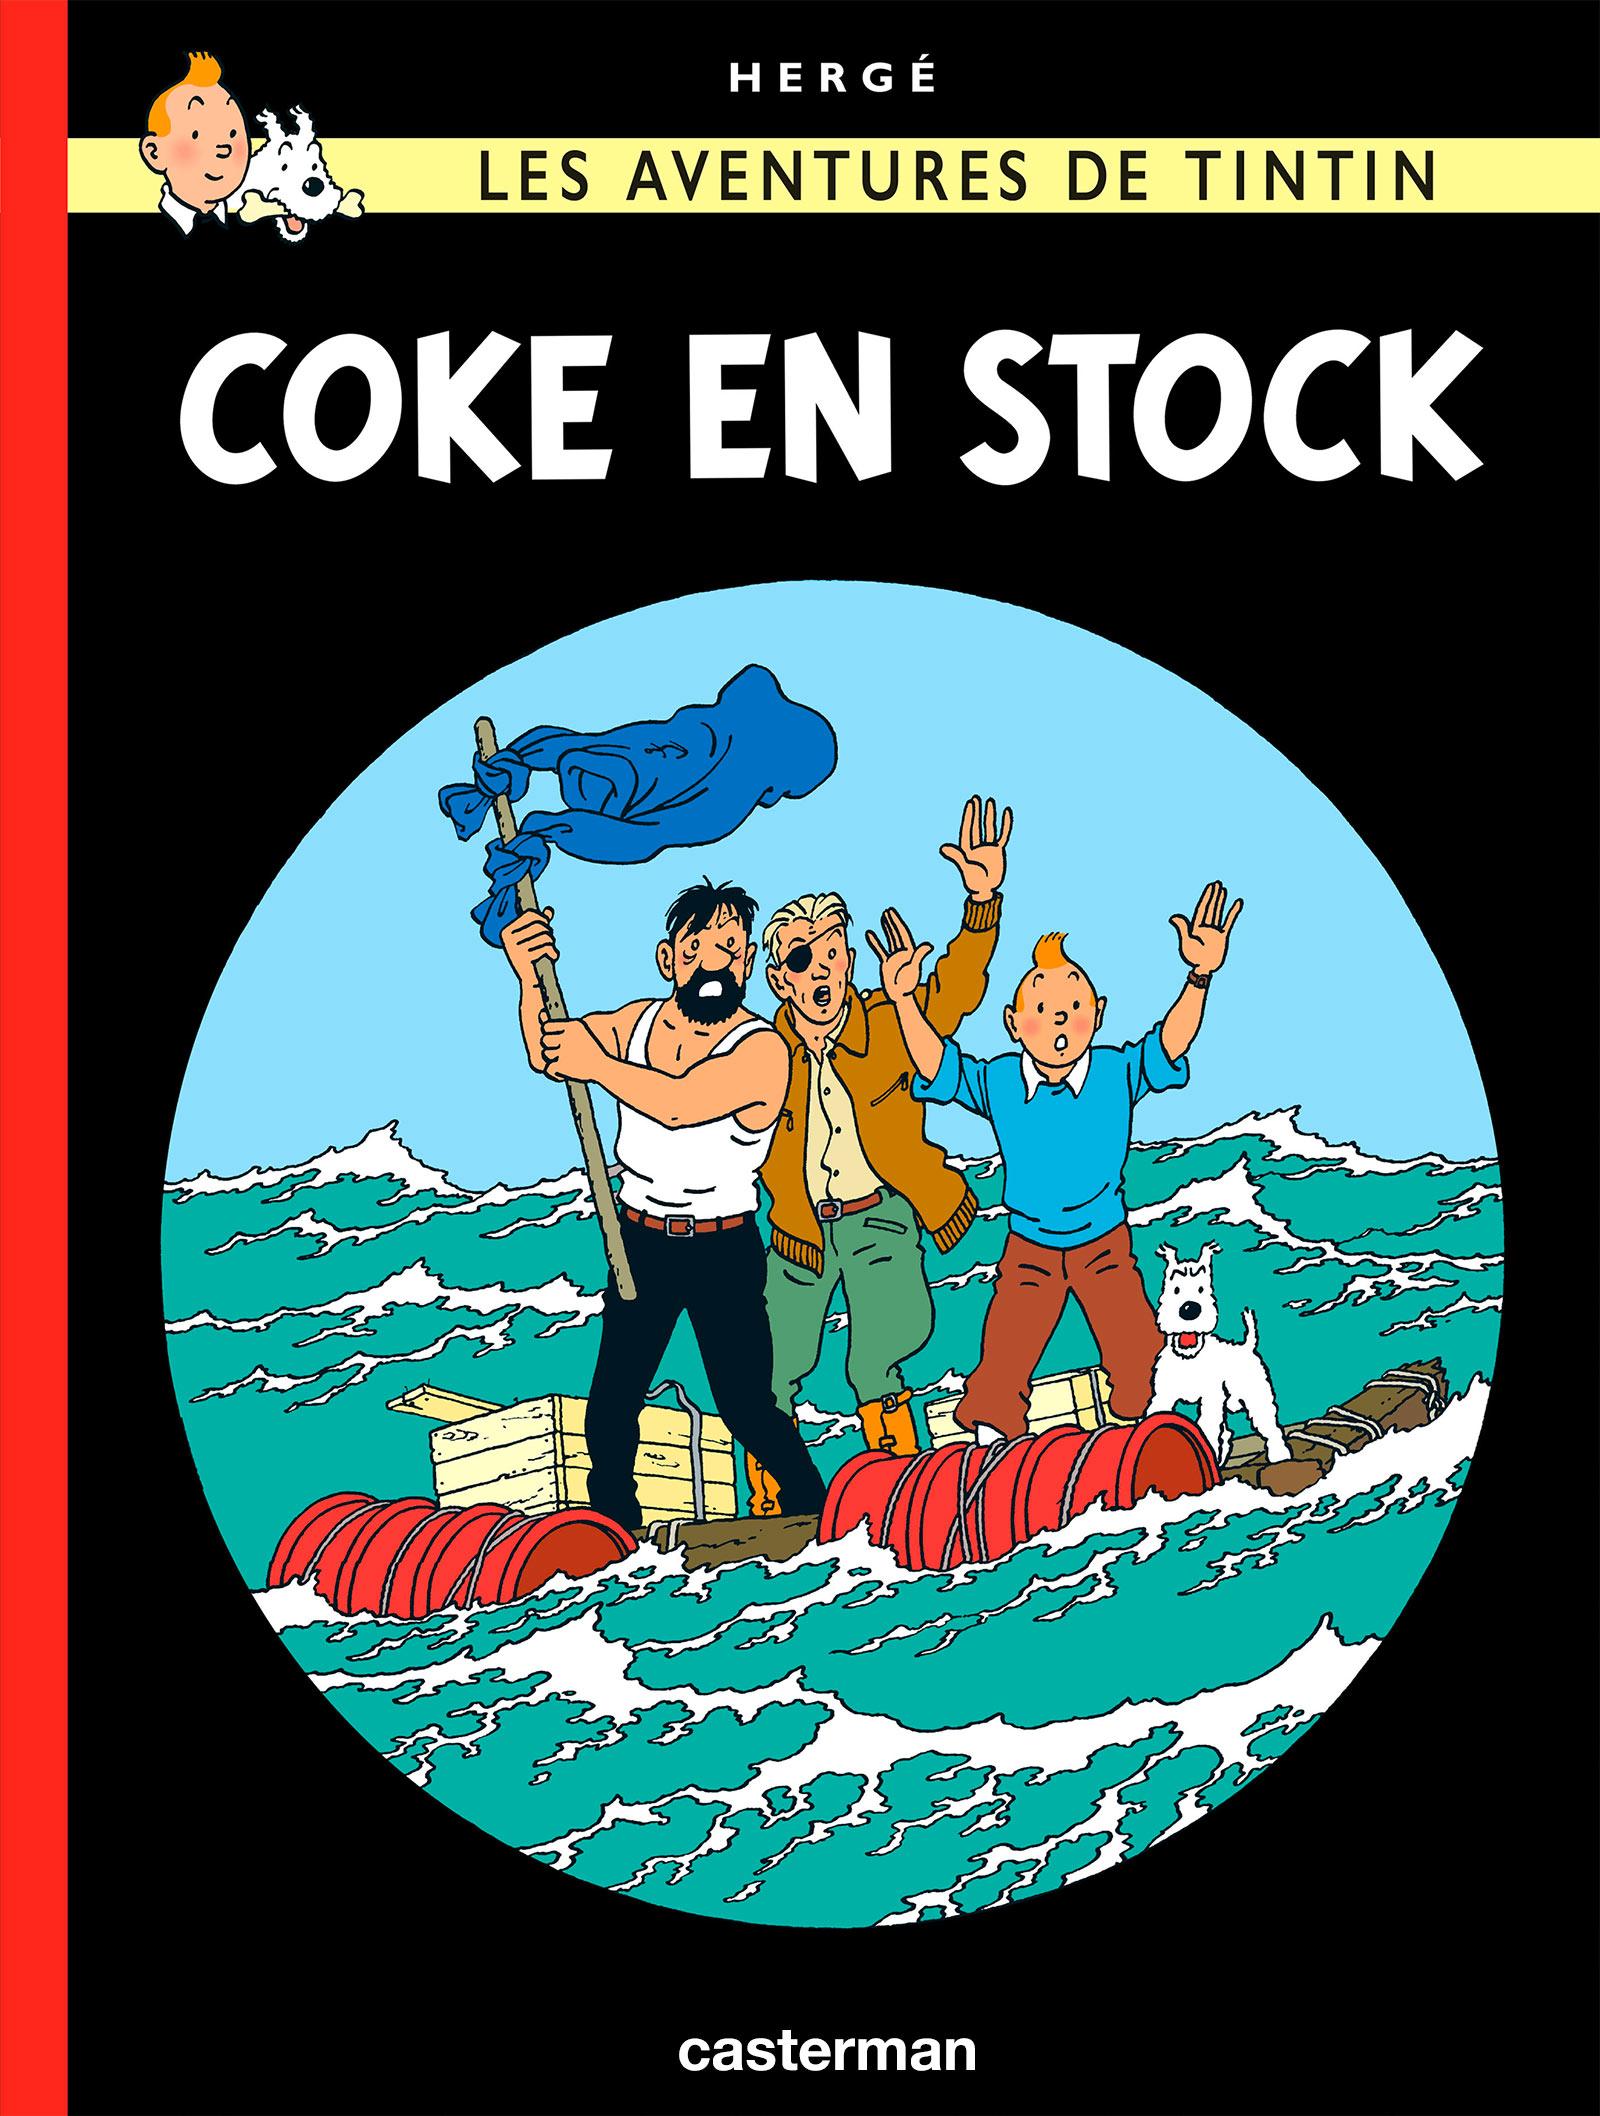 Coke en stock par Hergé